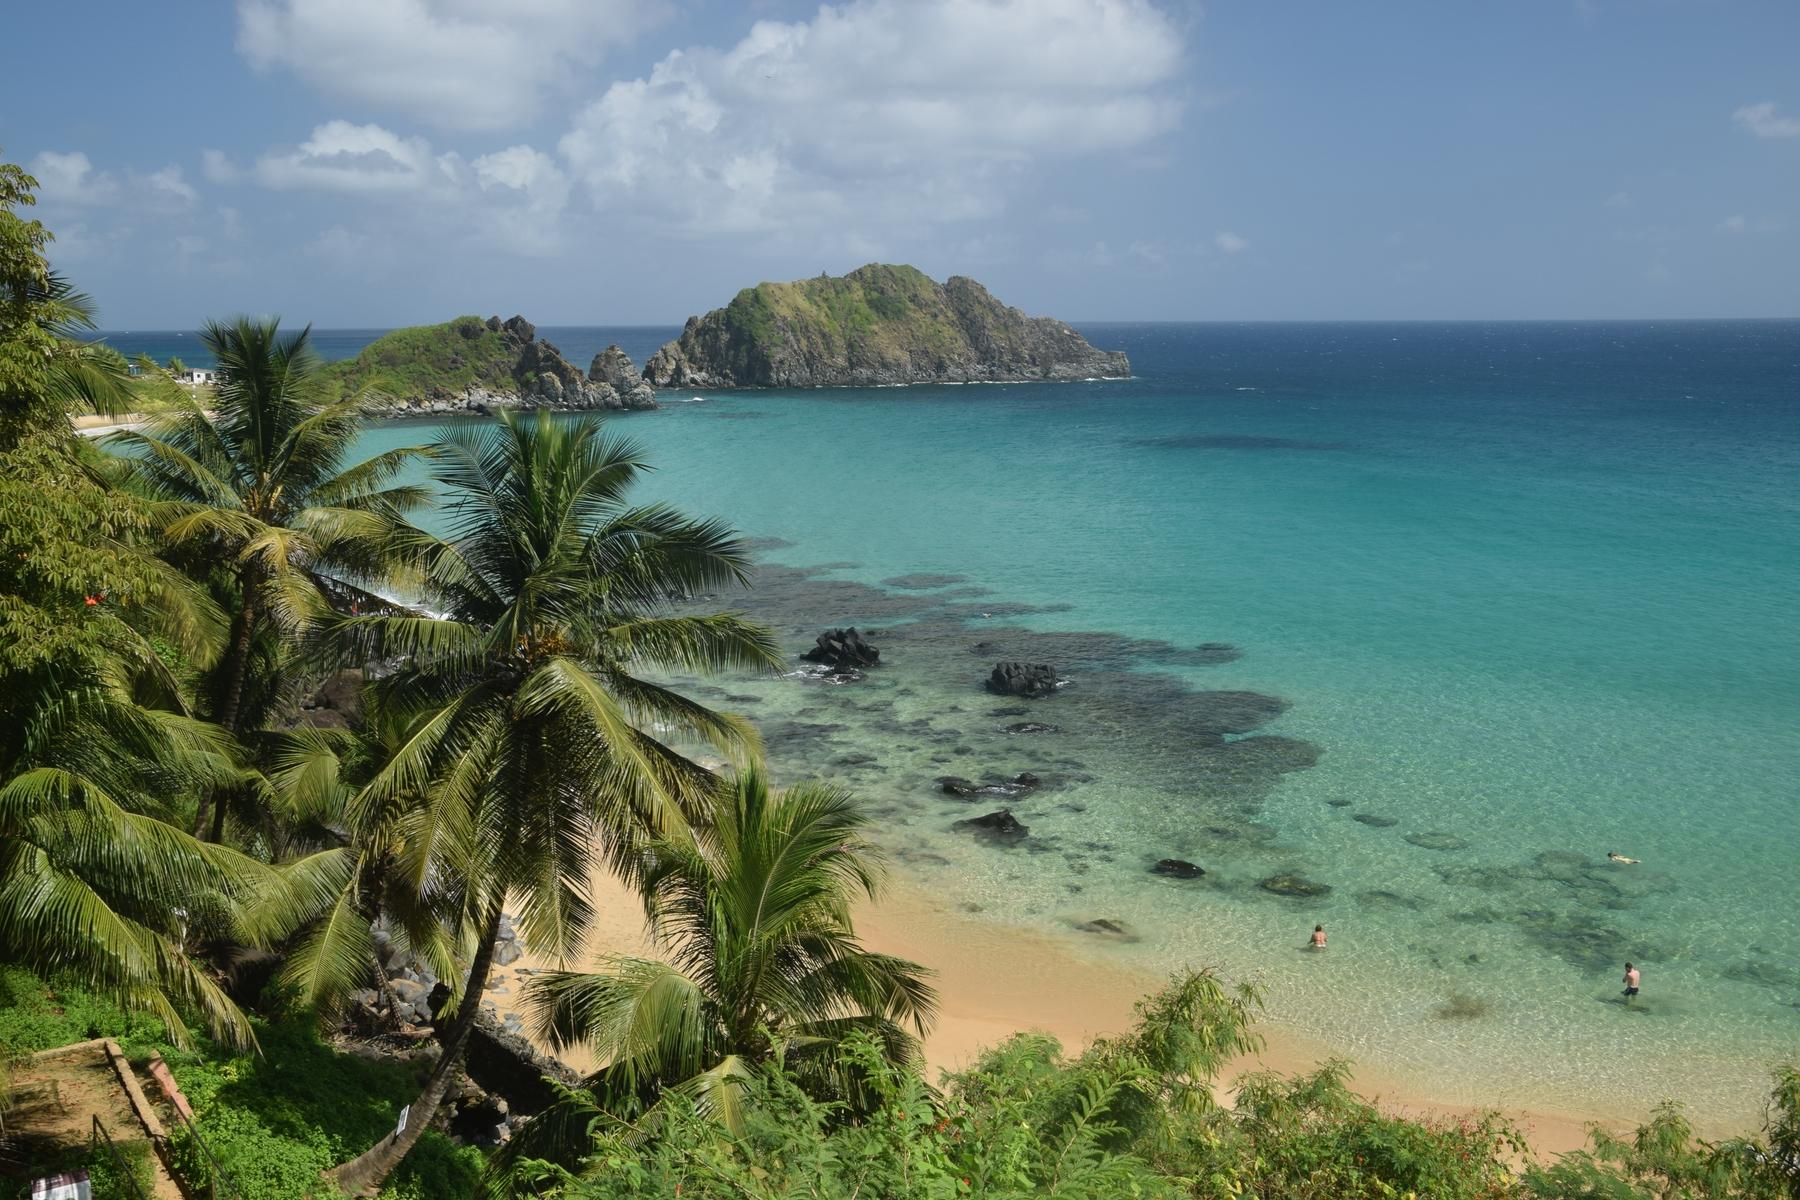 As praias de Fernando de Noronha têm diversas opções de turismo de aventura!